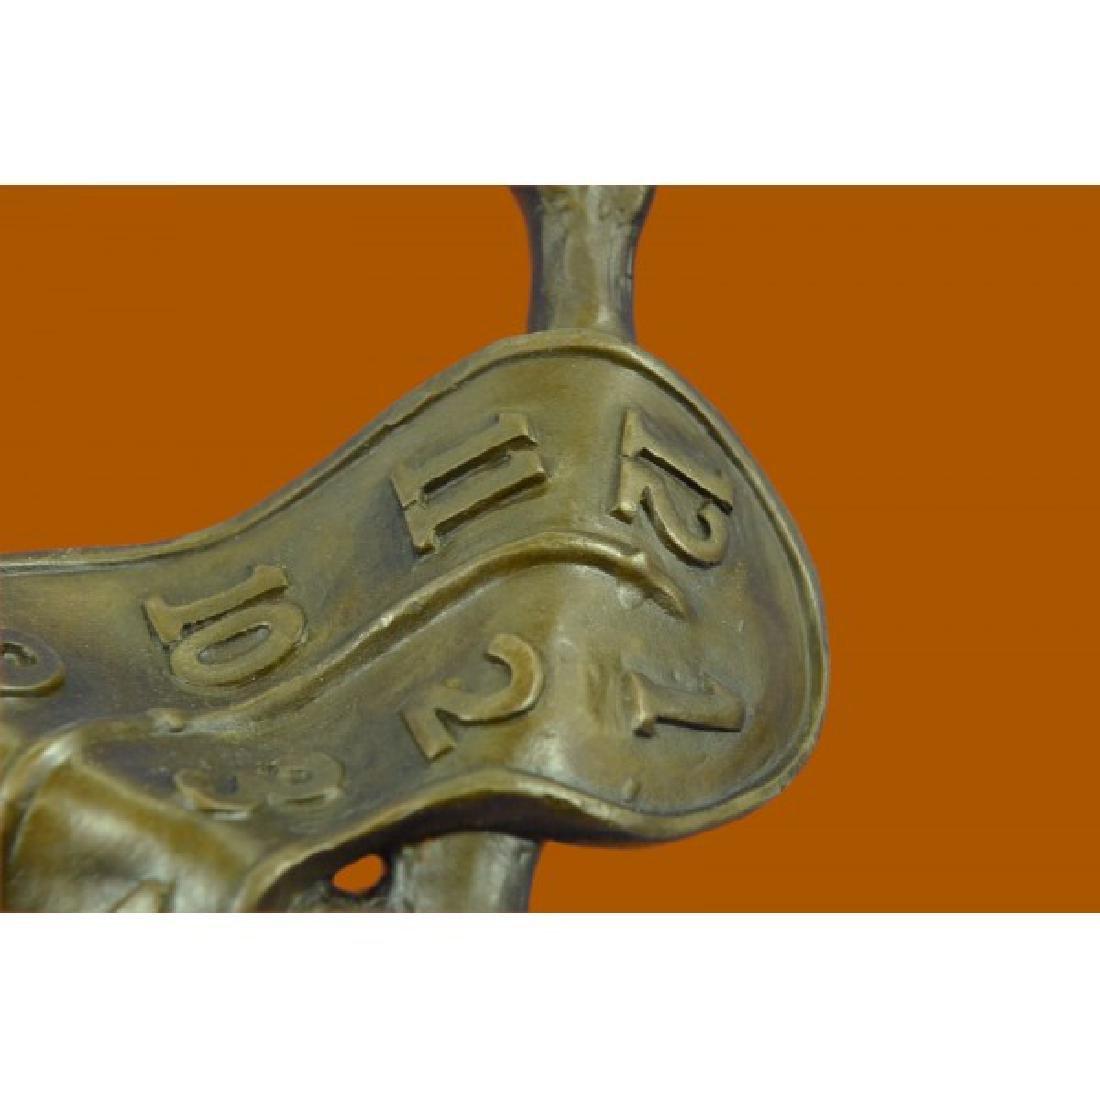 Modern Melting Clock Bronze Sculpture - 4